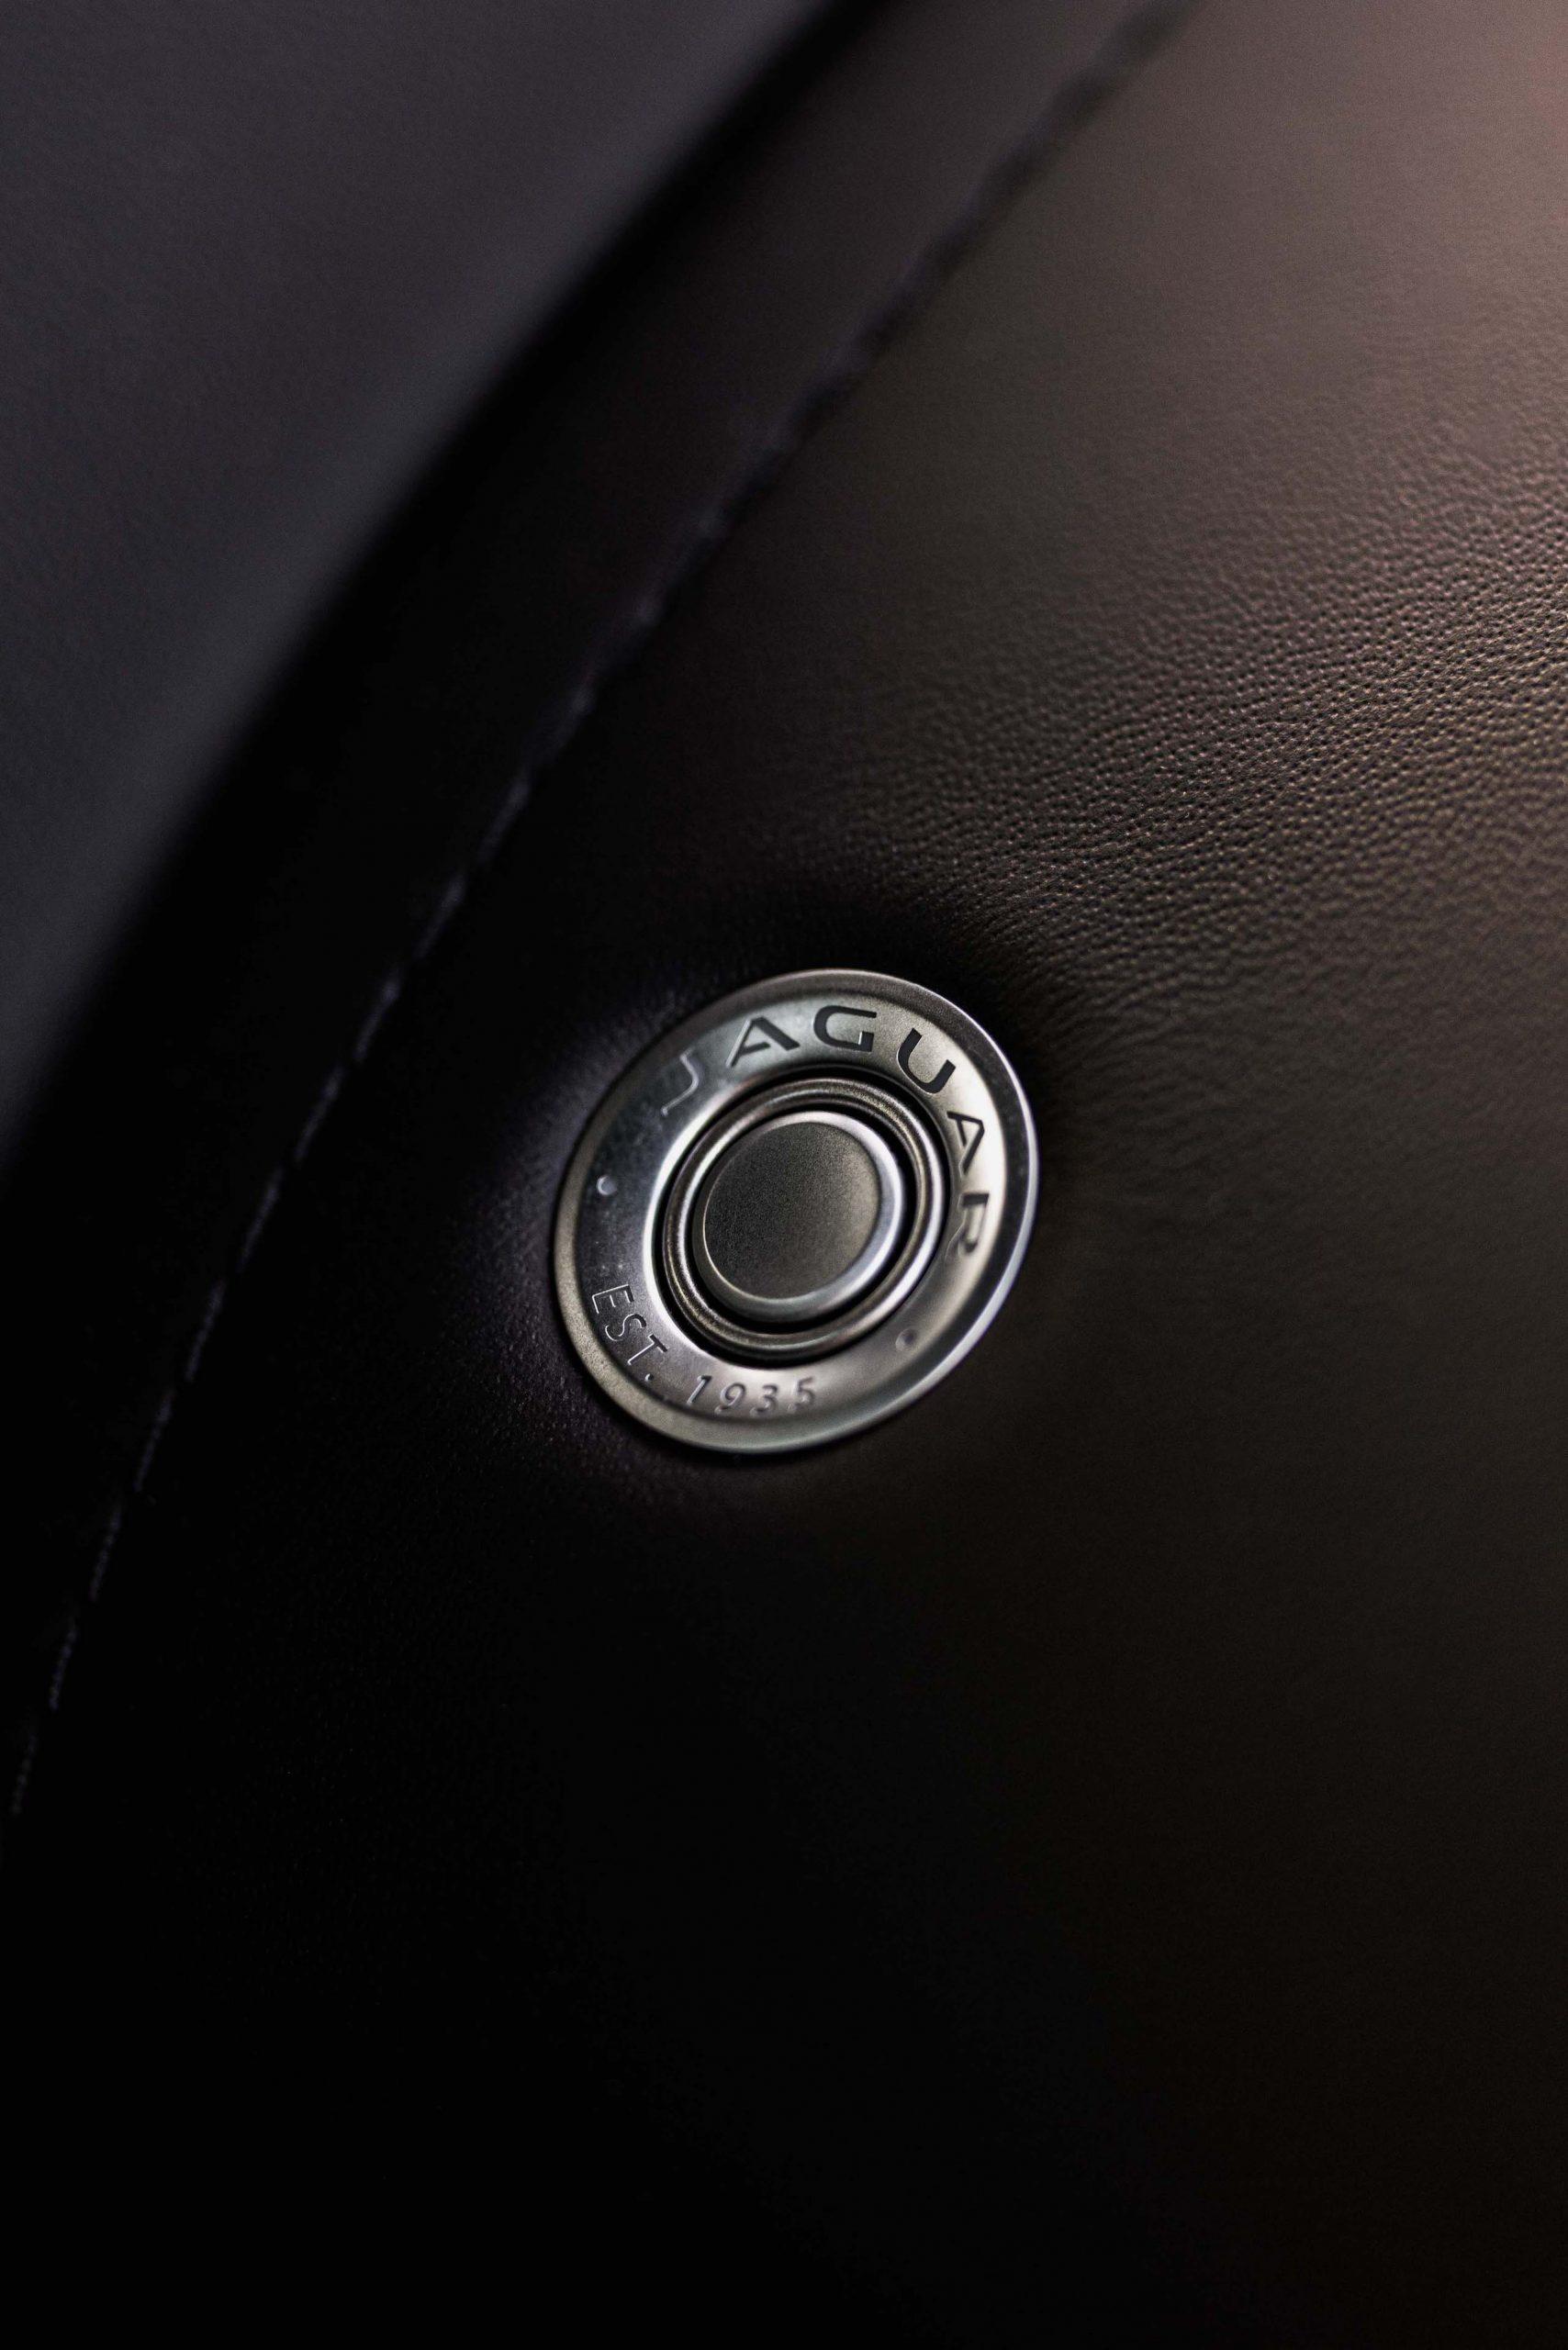 2021 Jaguar F-TYPE_R Coupe button detail